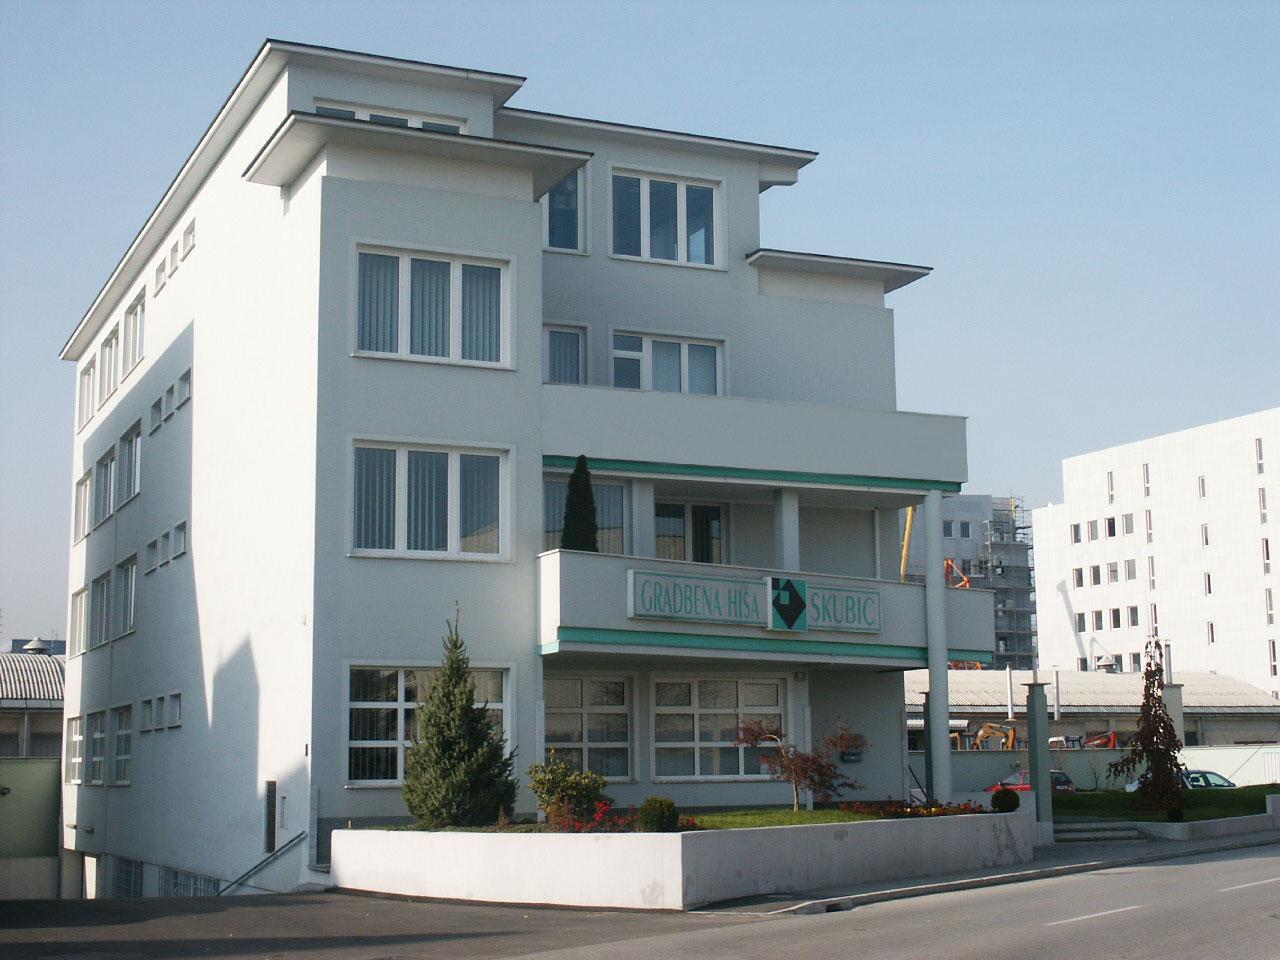 Gradbena Hisa Skubic Ljubljana